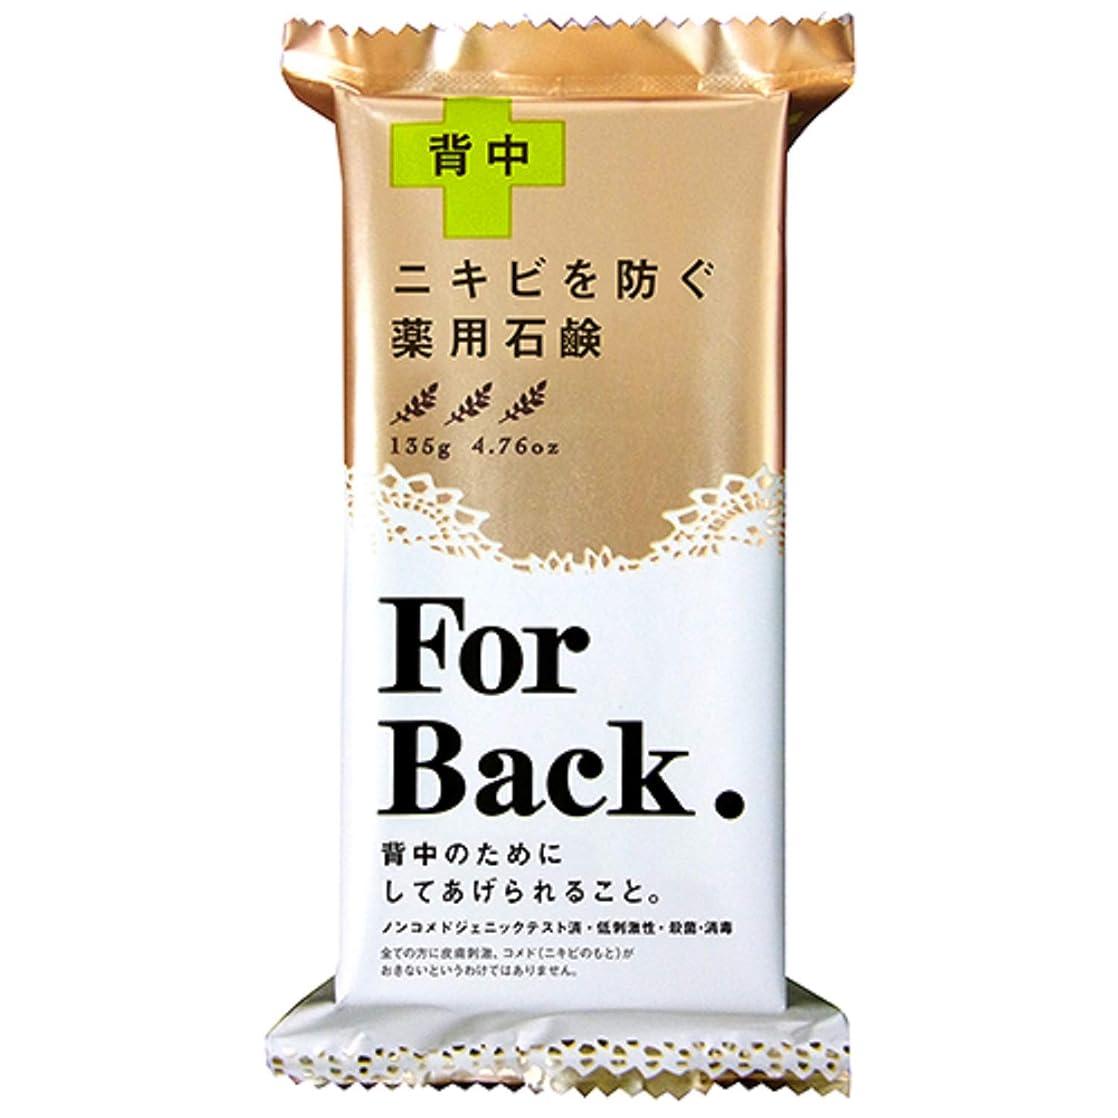 眠いです花束戻す【セット品】薬用石鹸ForBack 135g (135g×5個)